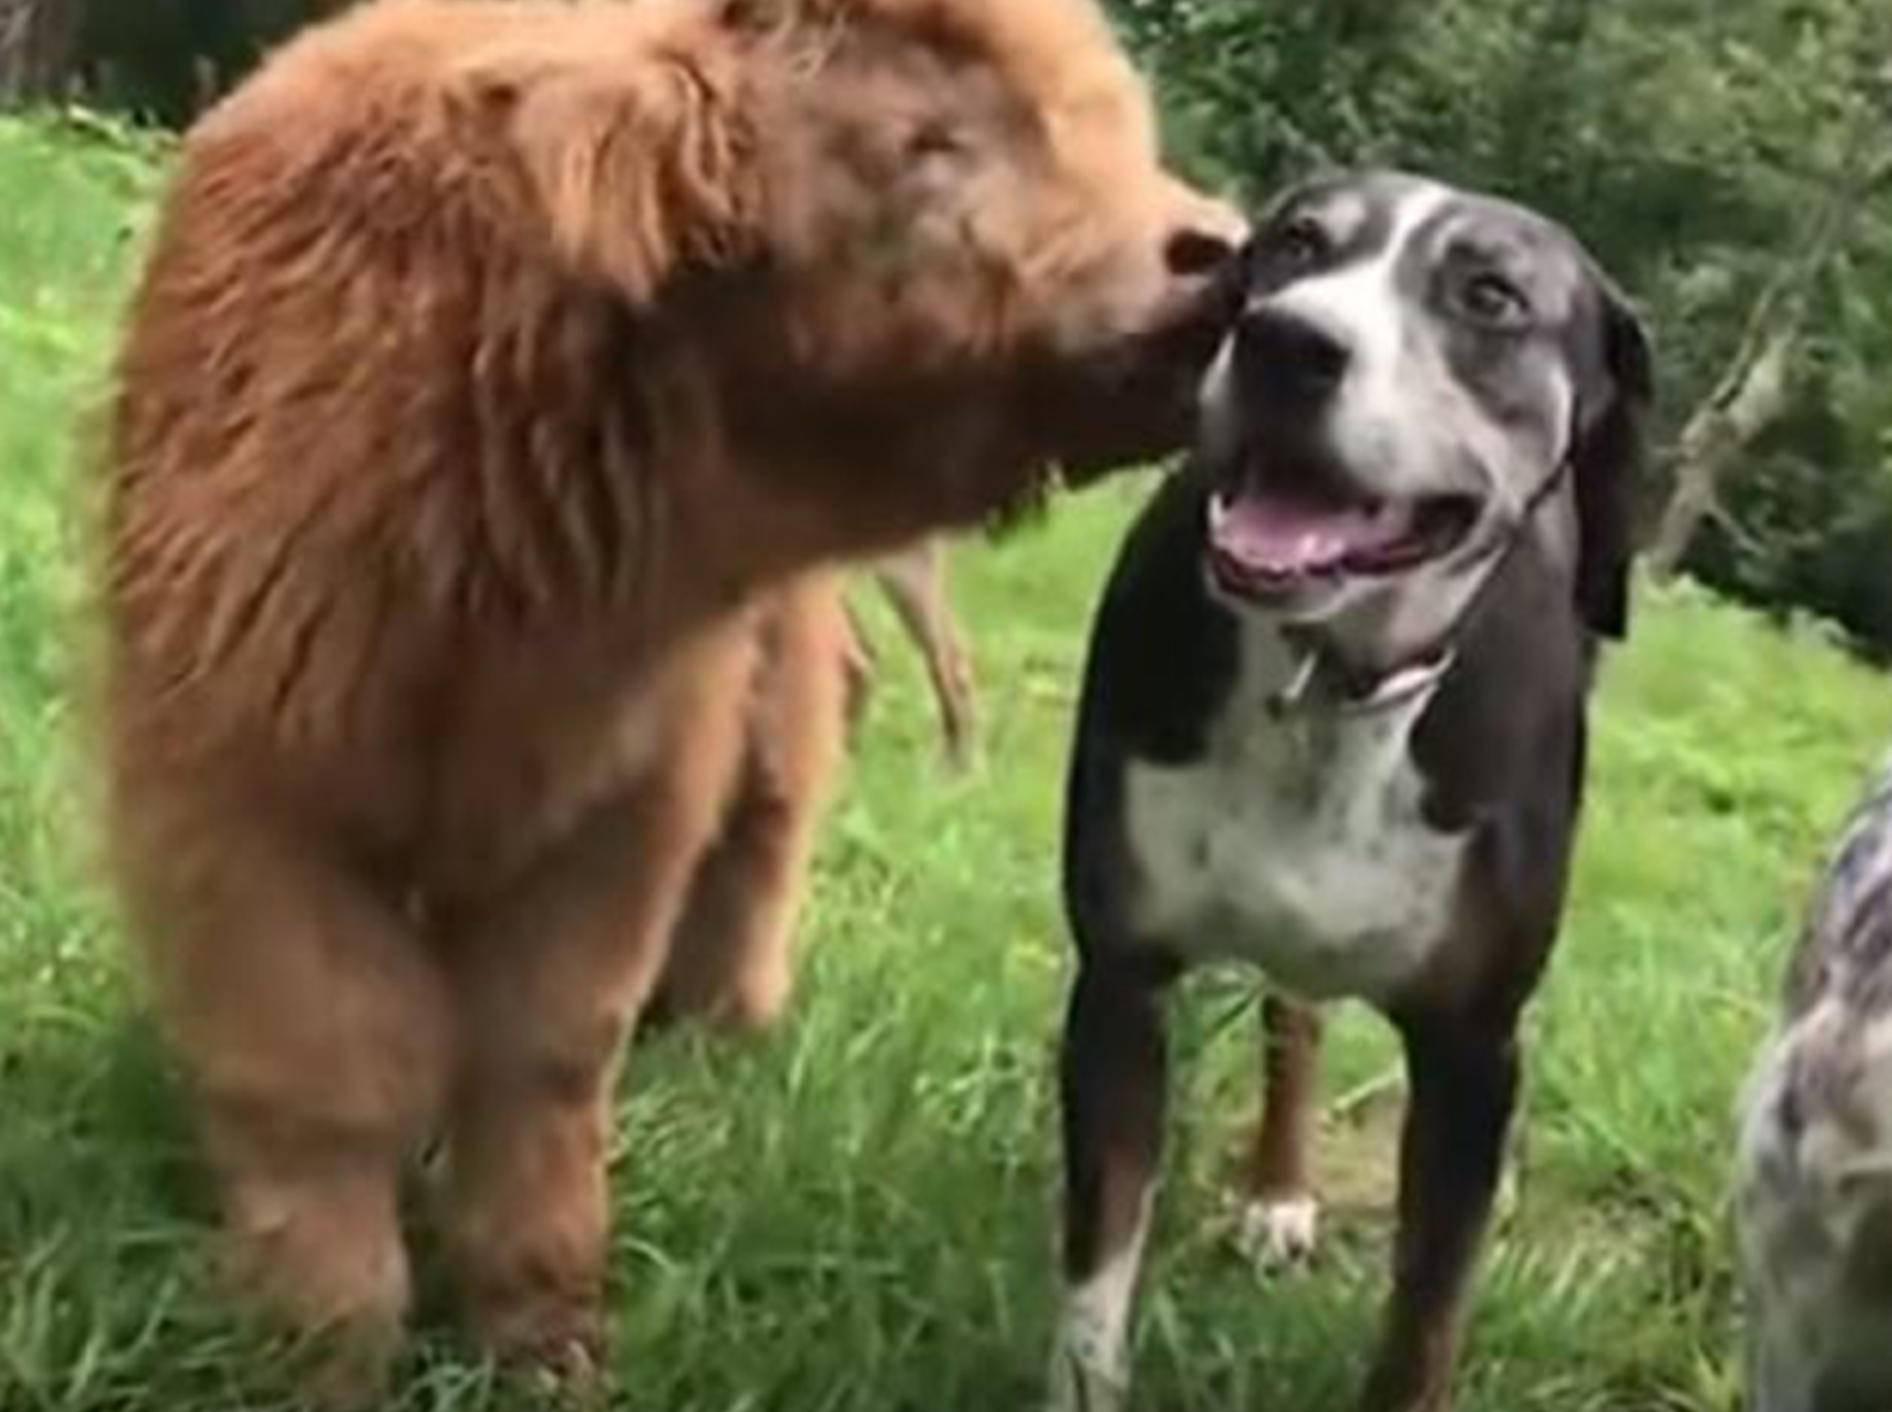 Kälbchen James hält sich für einen Hund - Bild: YouTube / john rylor